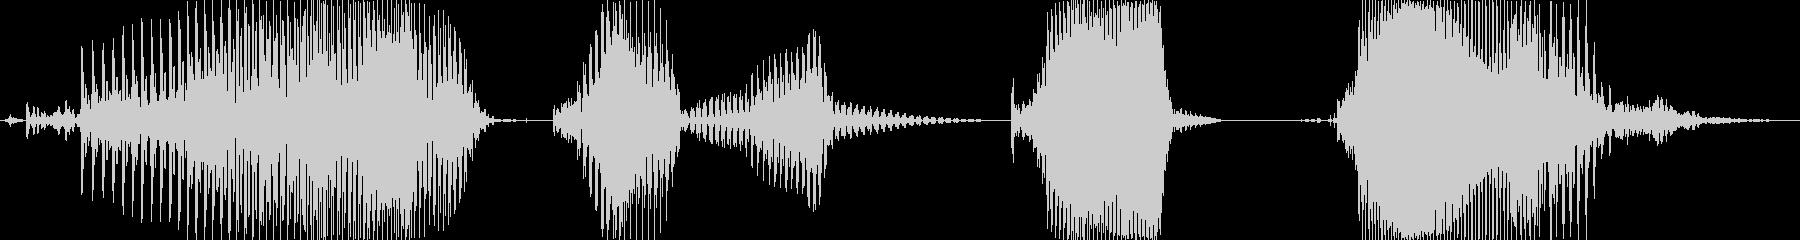 アイテムゲット!の未再生の波形